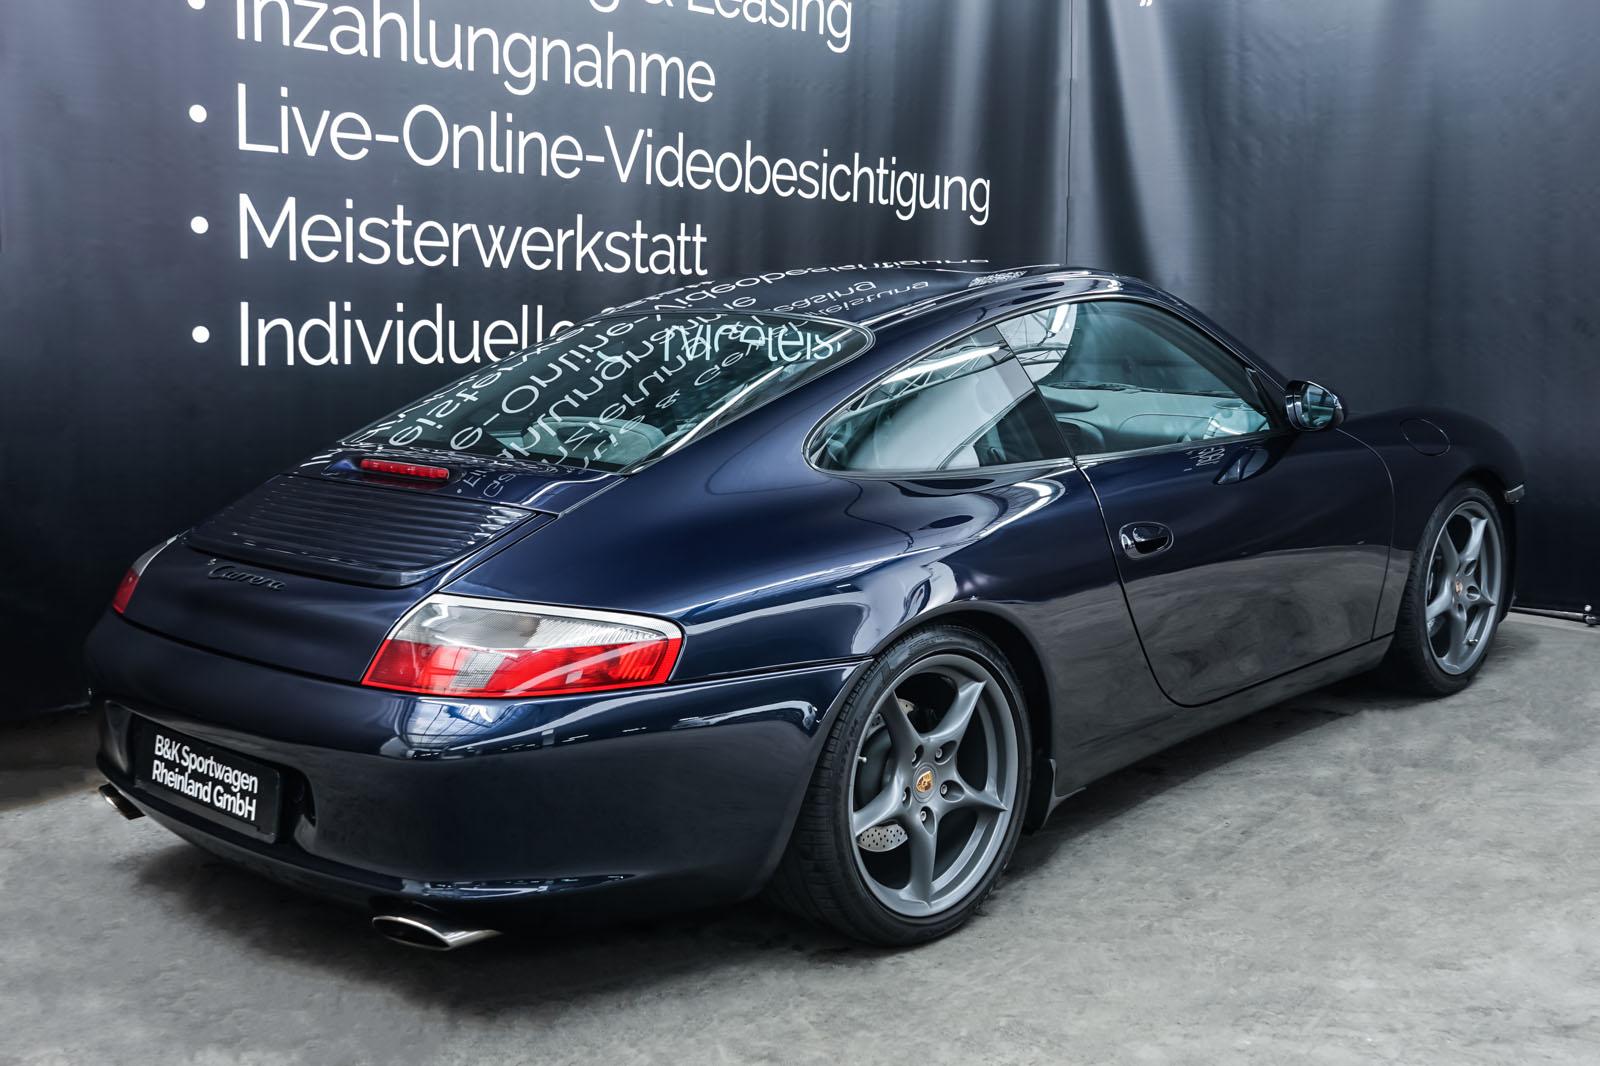 Porsche_996_Dunkelblau_Grau_POR-4337_14_w